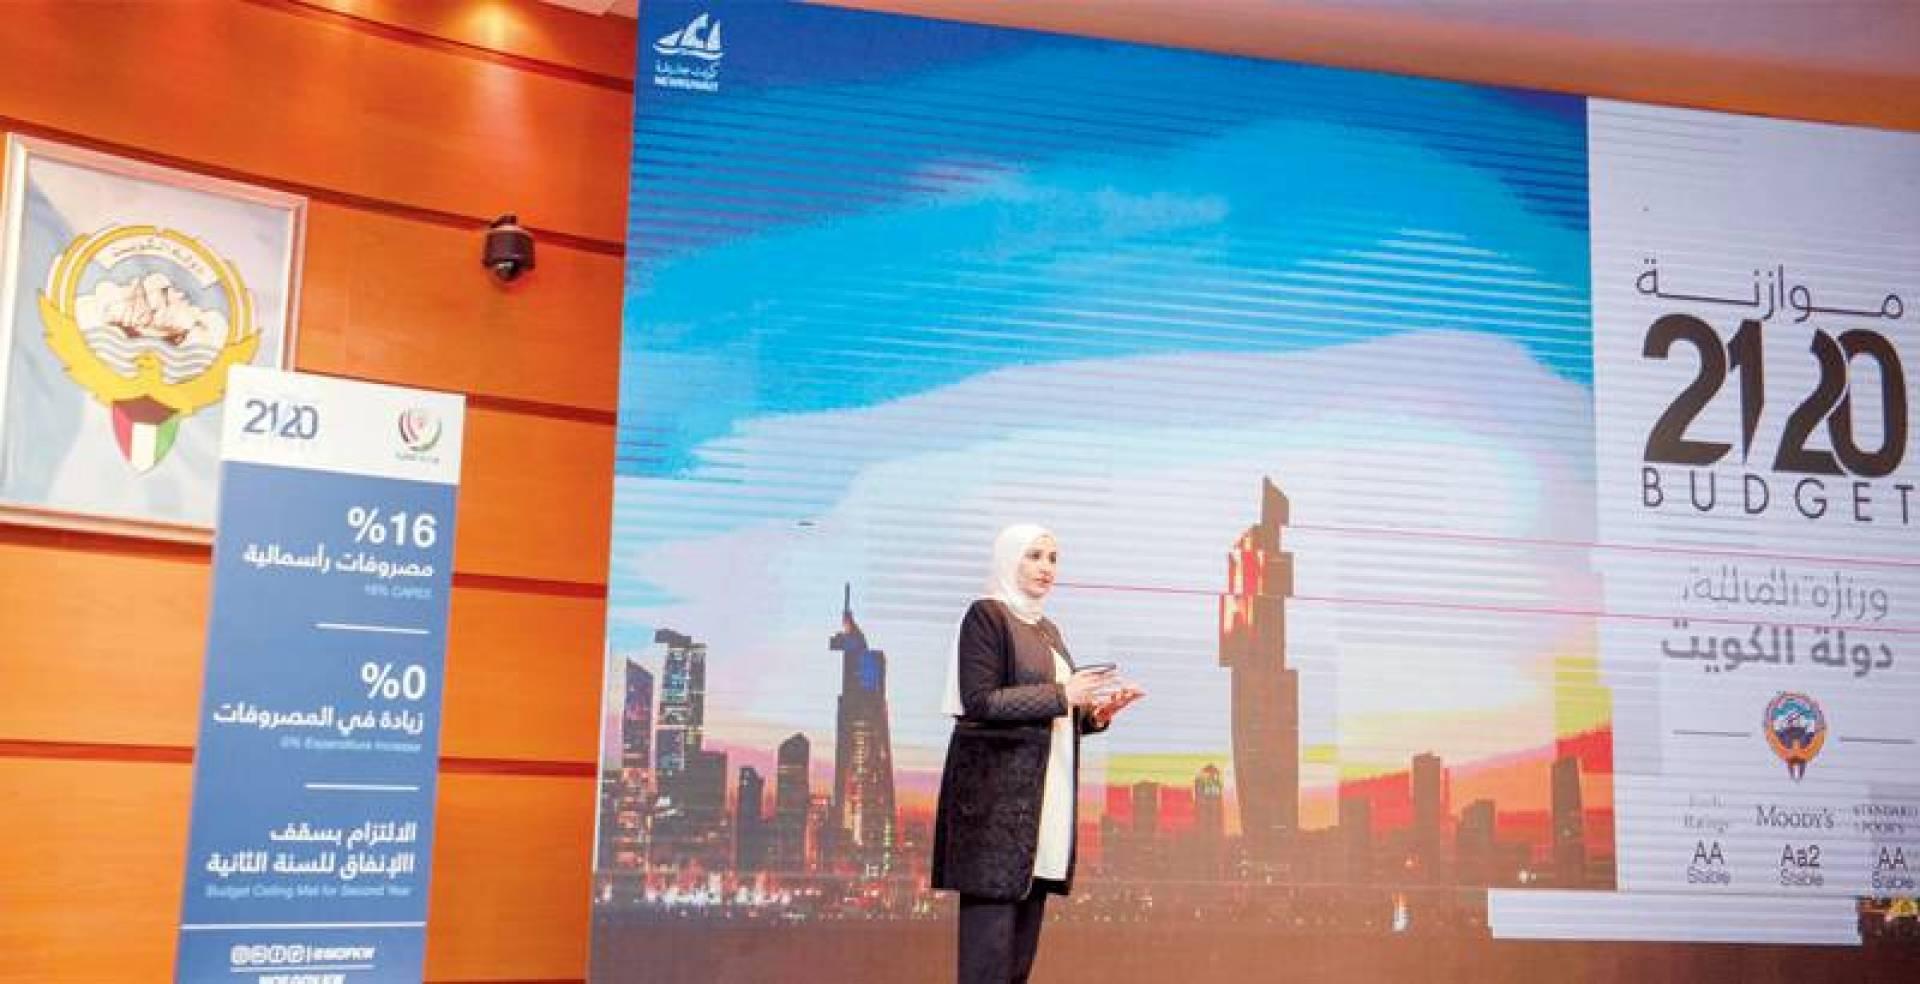 مريم العقيل أثناء استعراض أرقام ميزانية 2020/ 2021   تصوير محمود الفوريكي